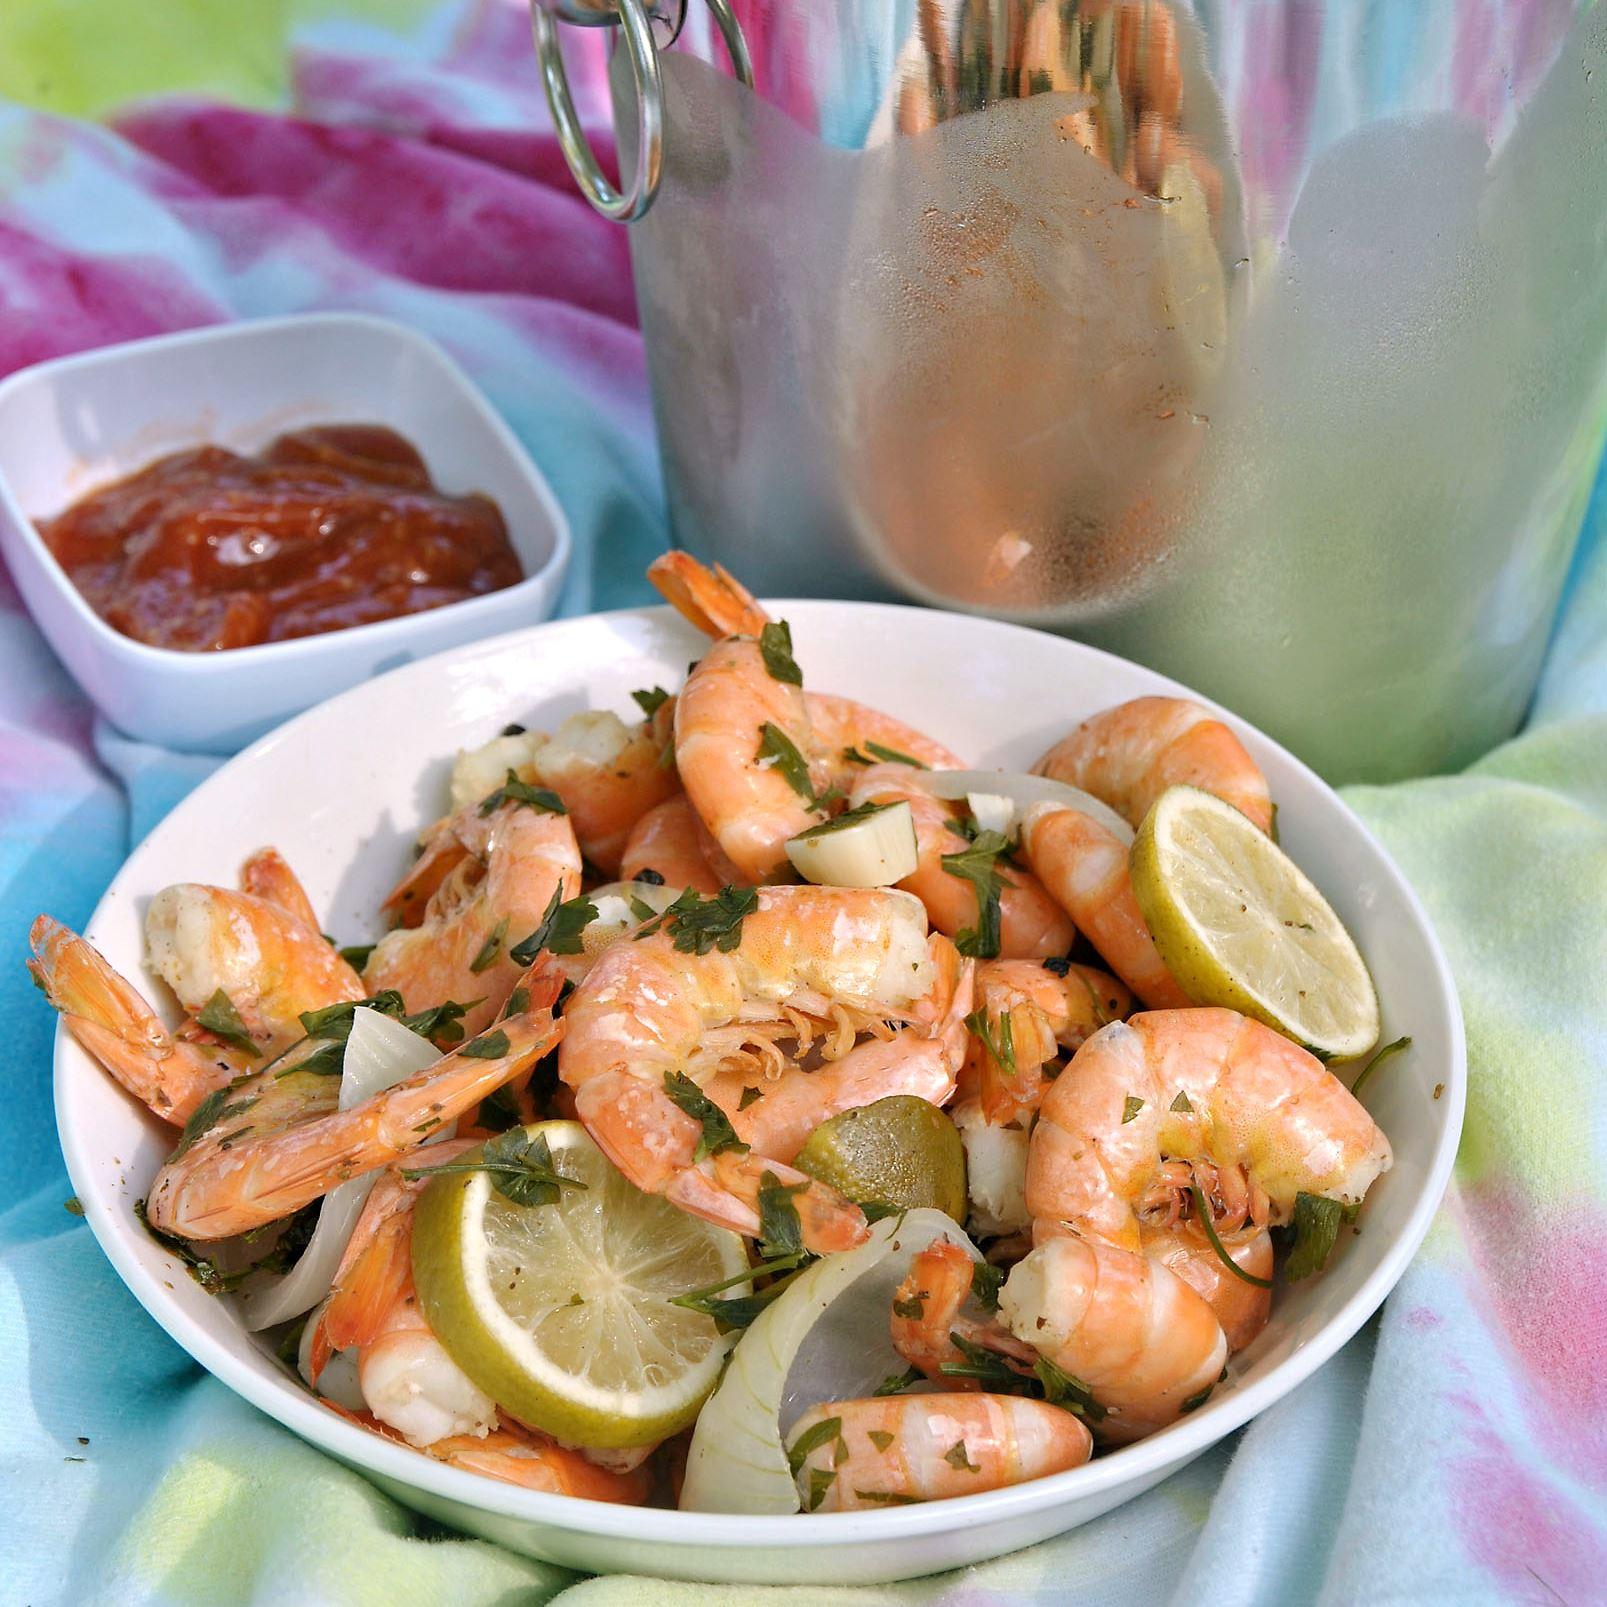 beachcookbook0601_shrimp_beer_food Shrimp 'n' Beer